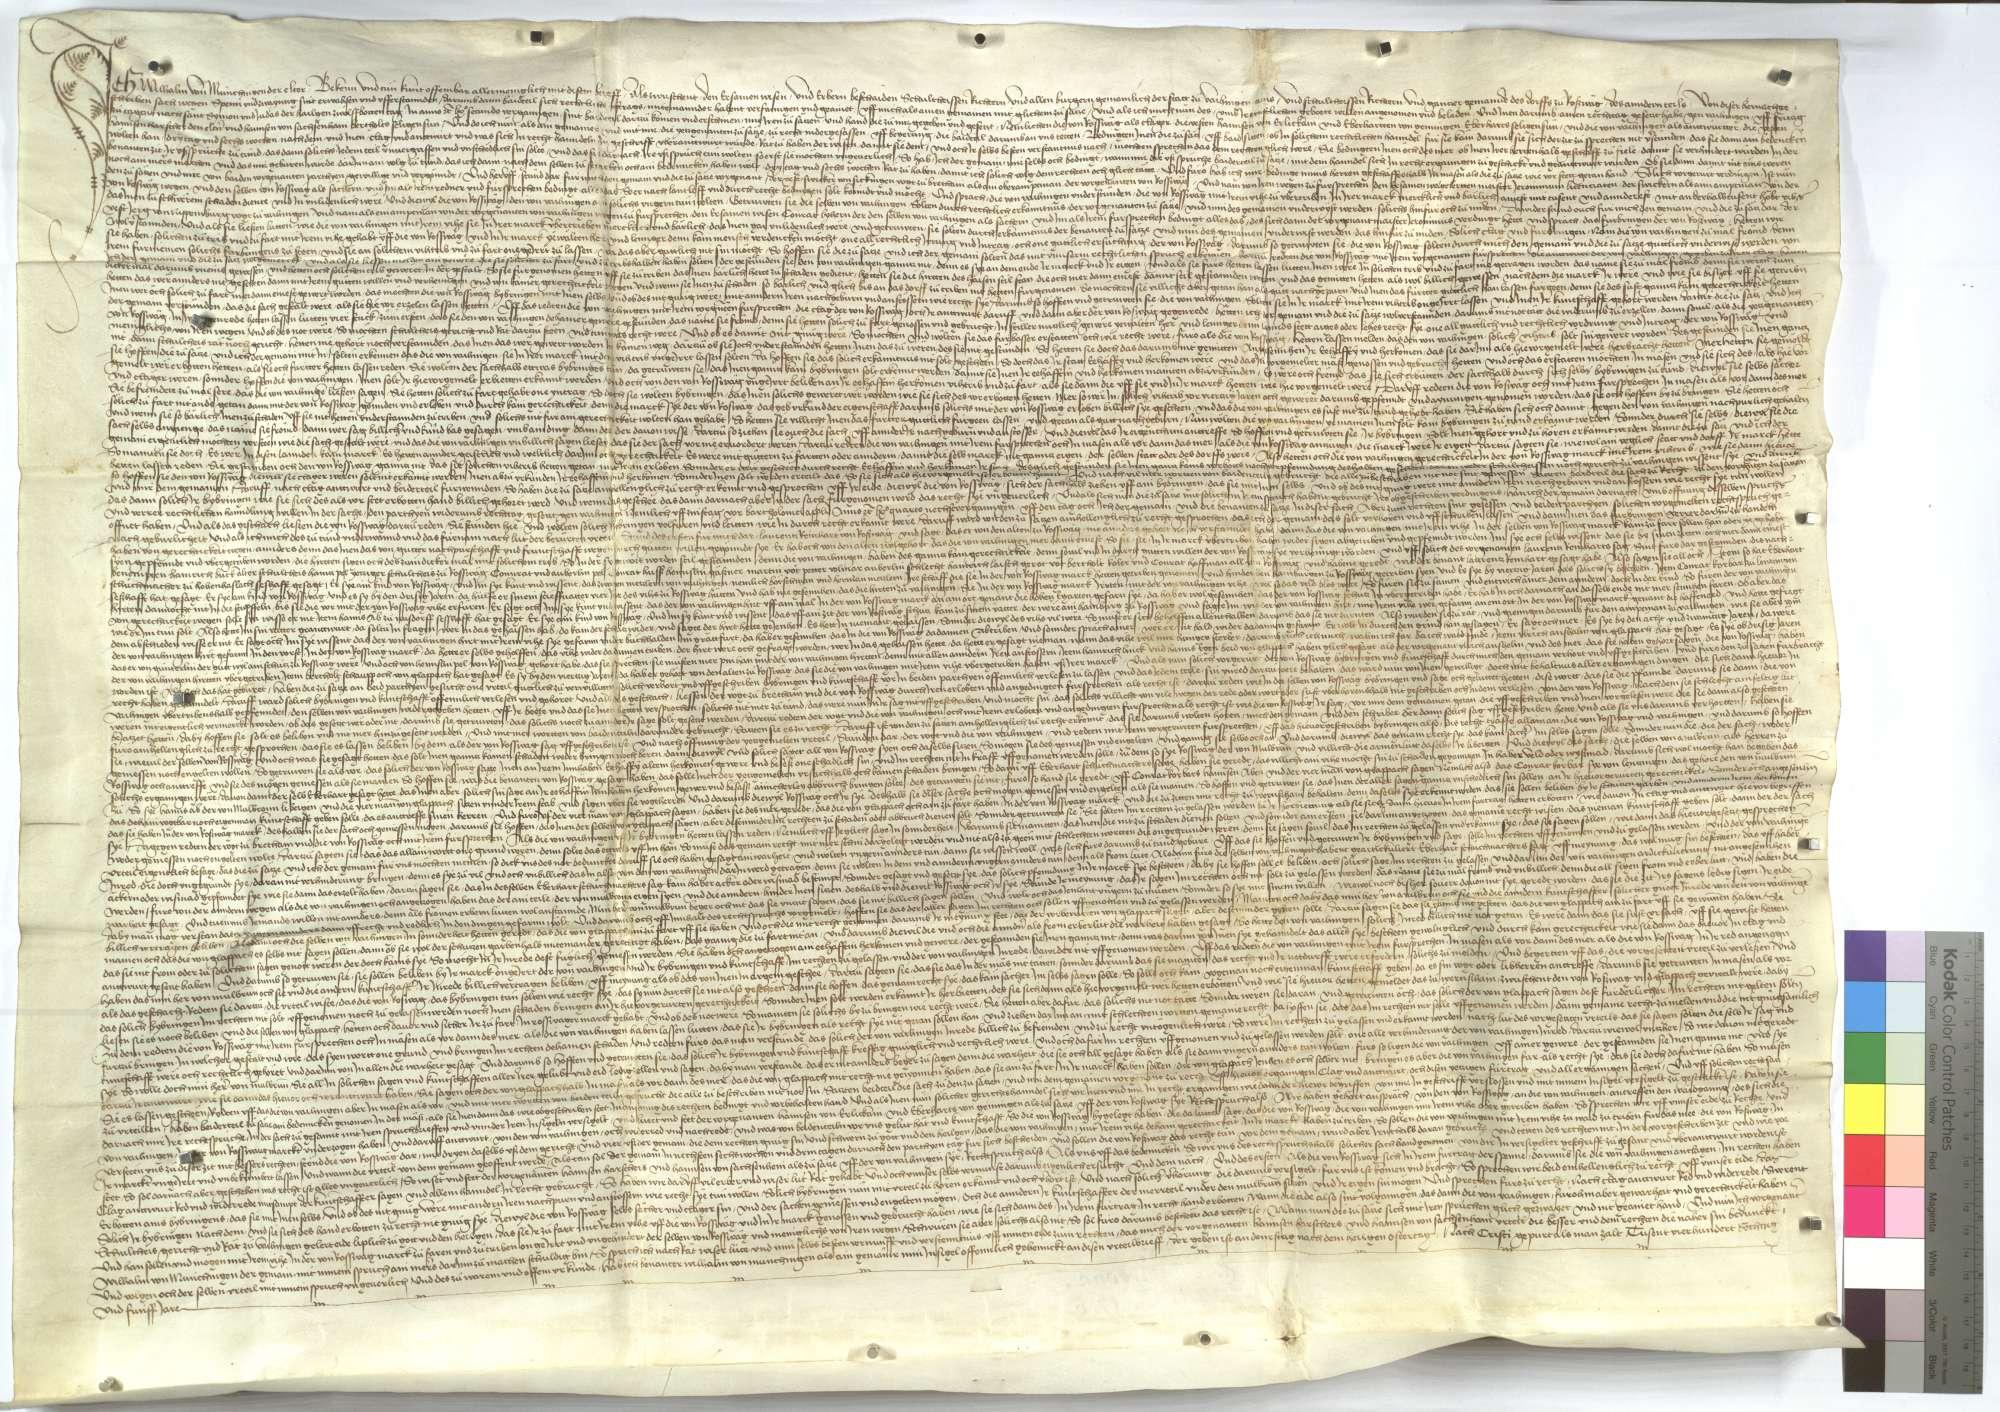 Urteil von Wilhelm von Münchingen und anderen von Adel zwischen denen von Vaihingen und Roßwag, dass jene Macht haben, auf derer von Roßwag Markung mit ihrem Vieh zu treiben., Text